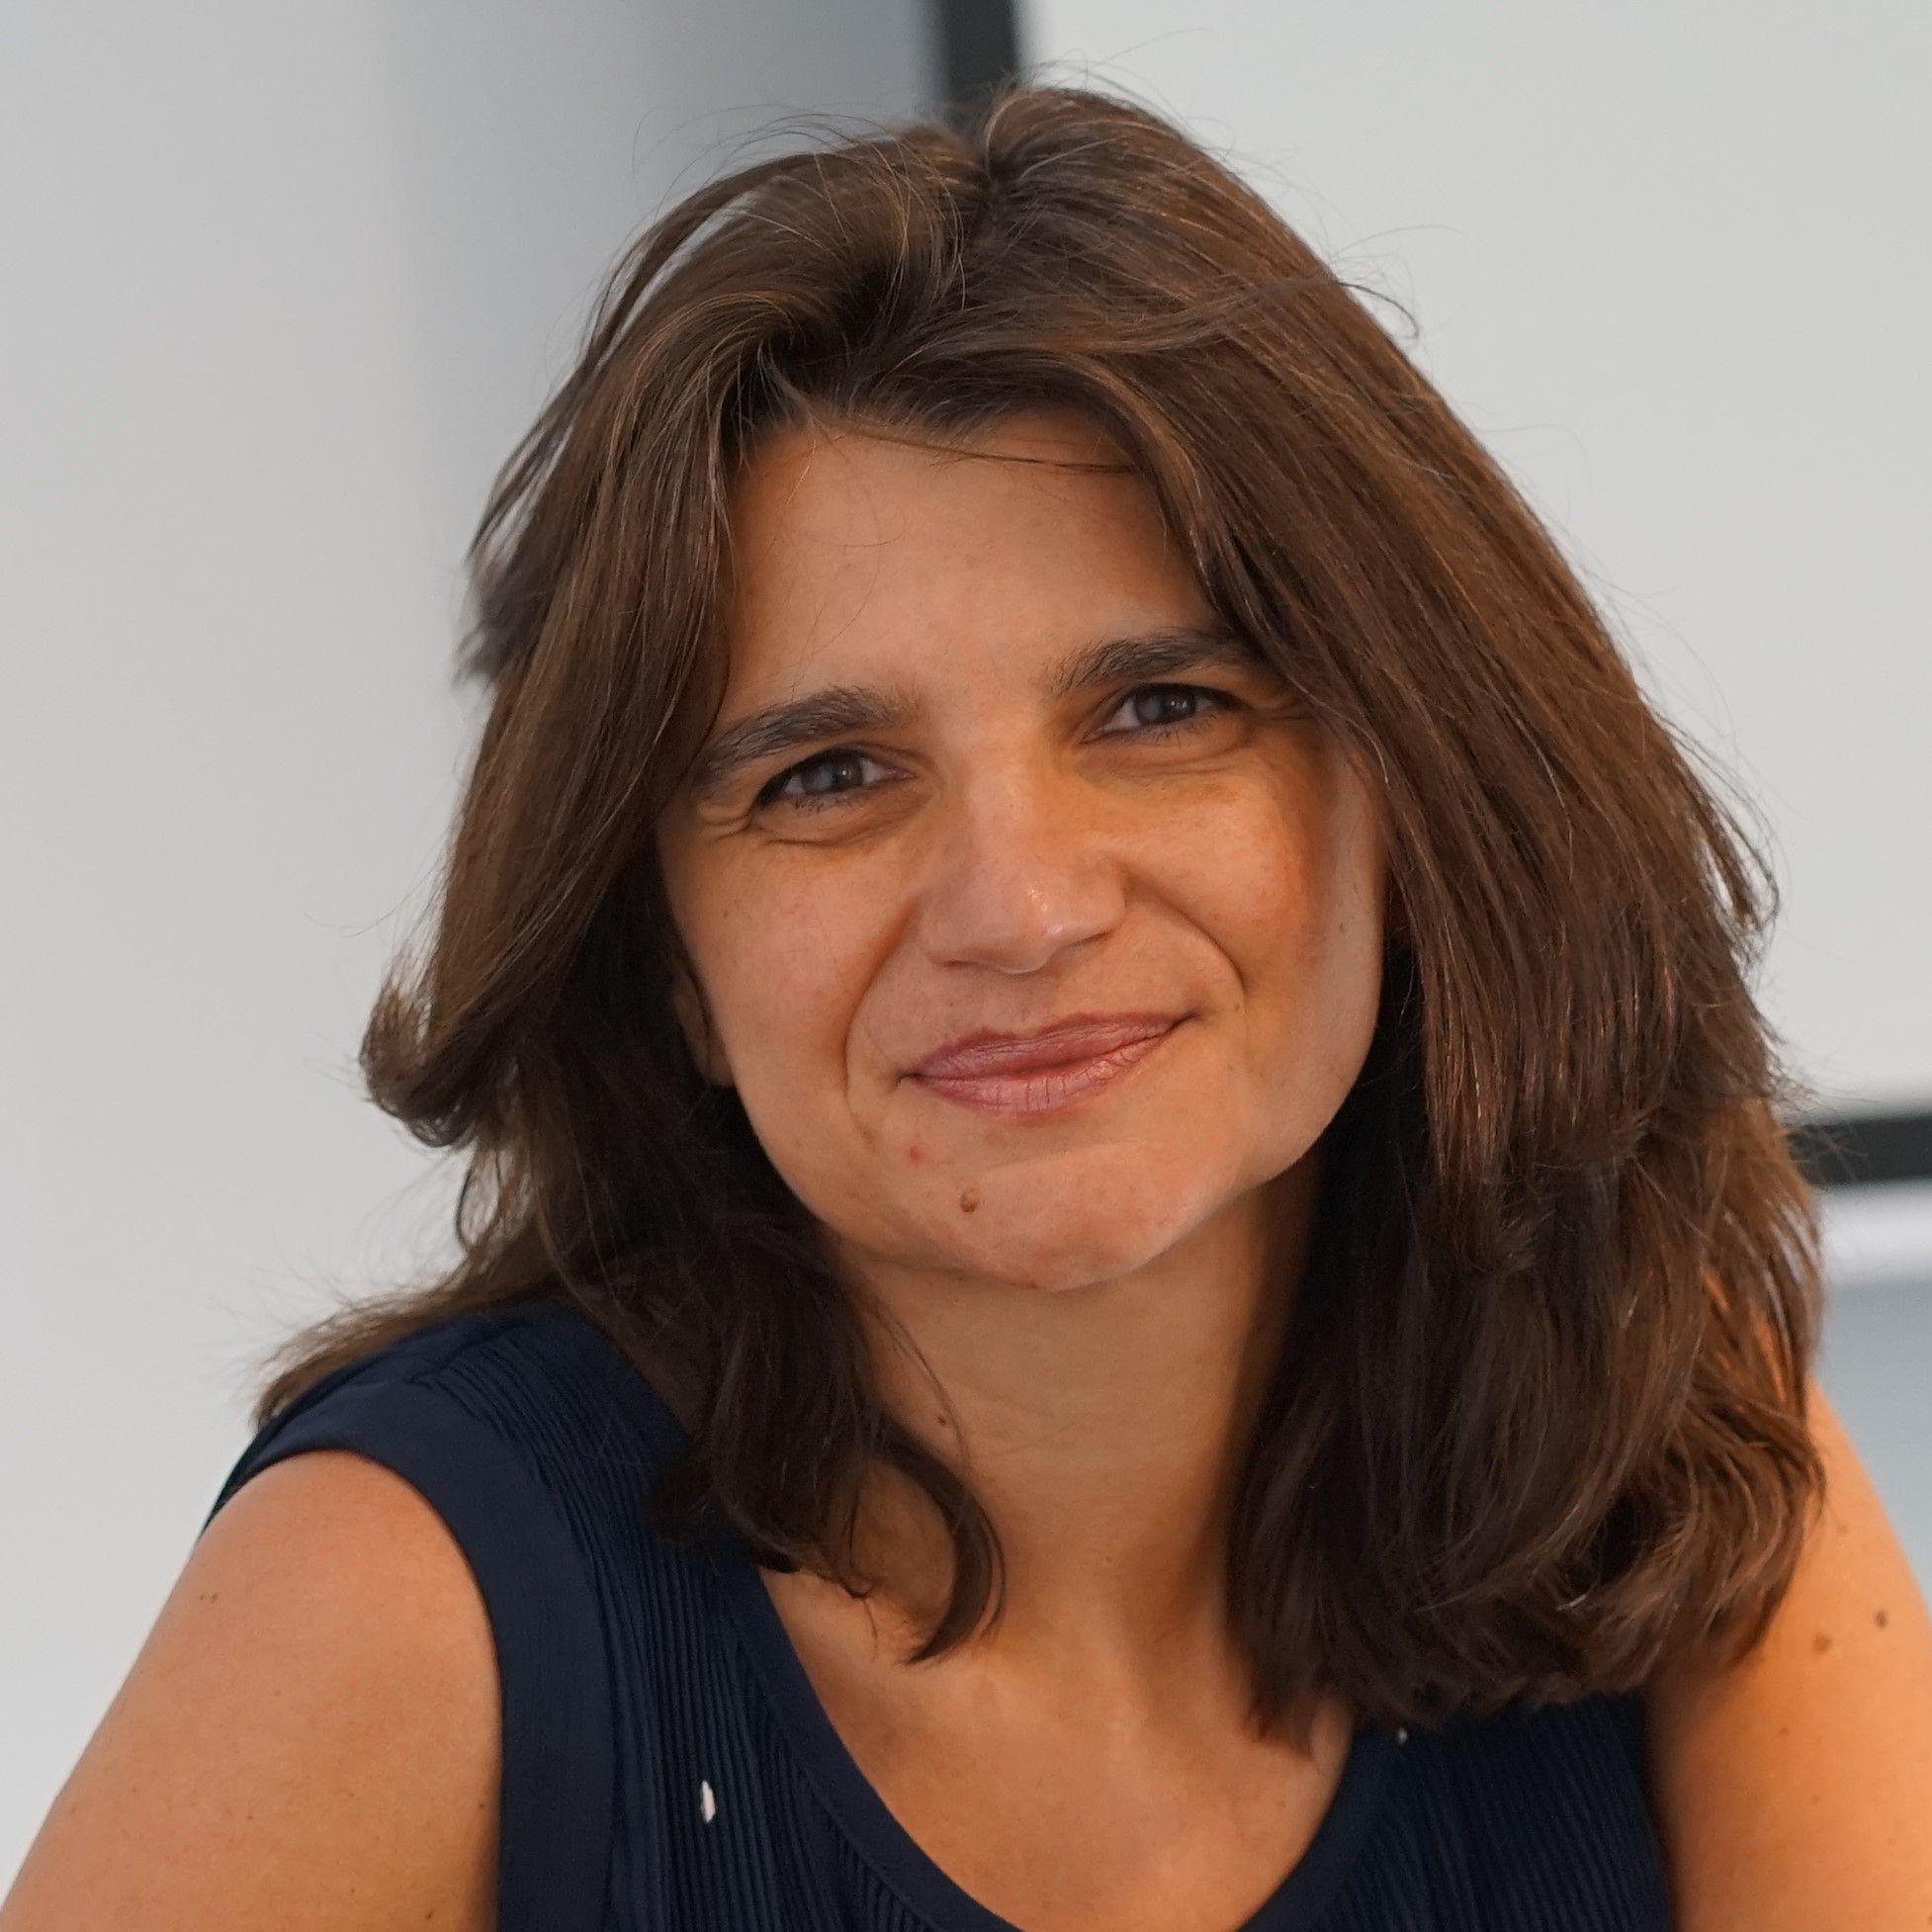 Mónica Zgaib